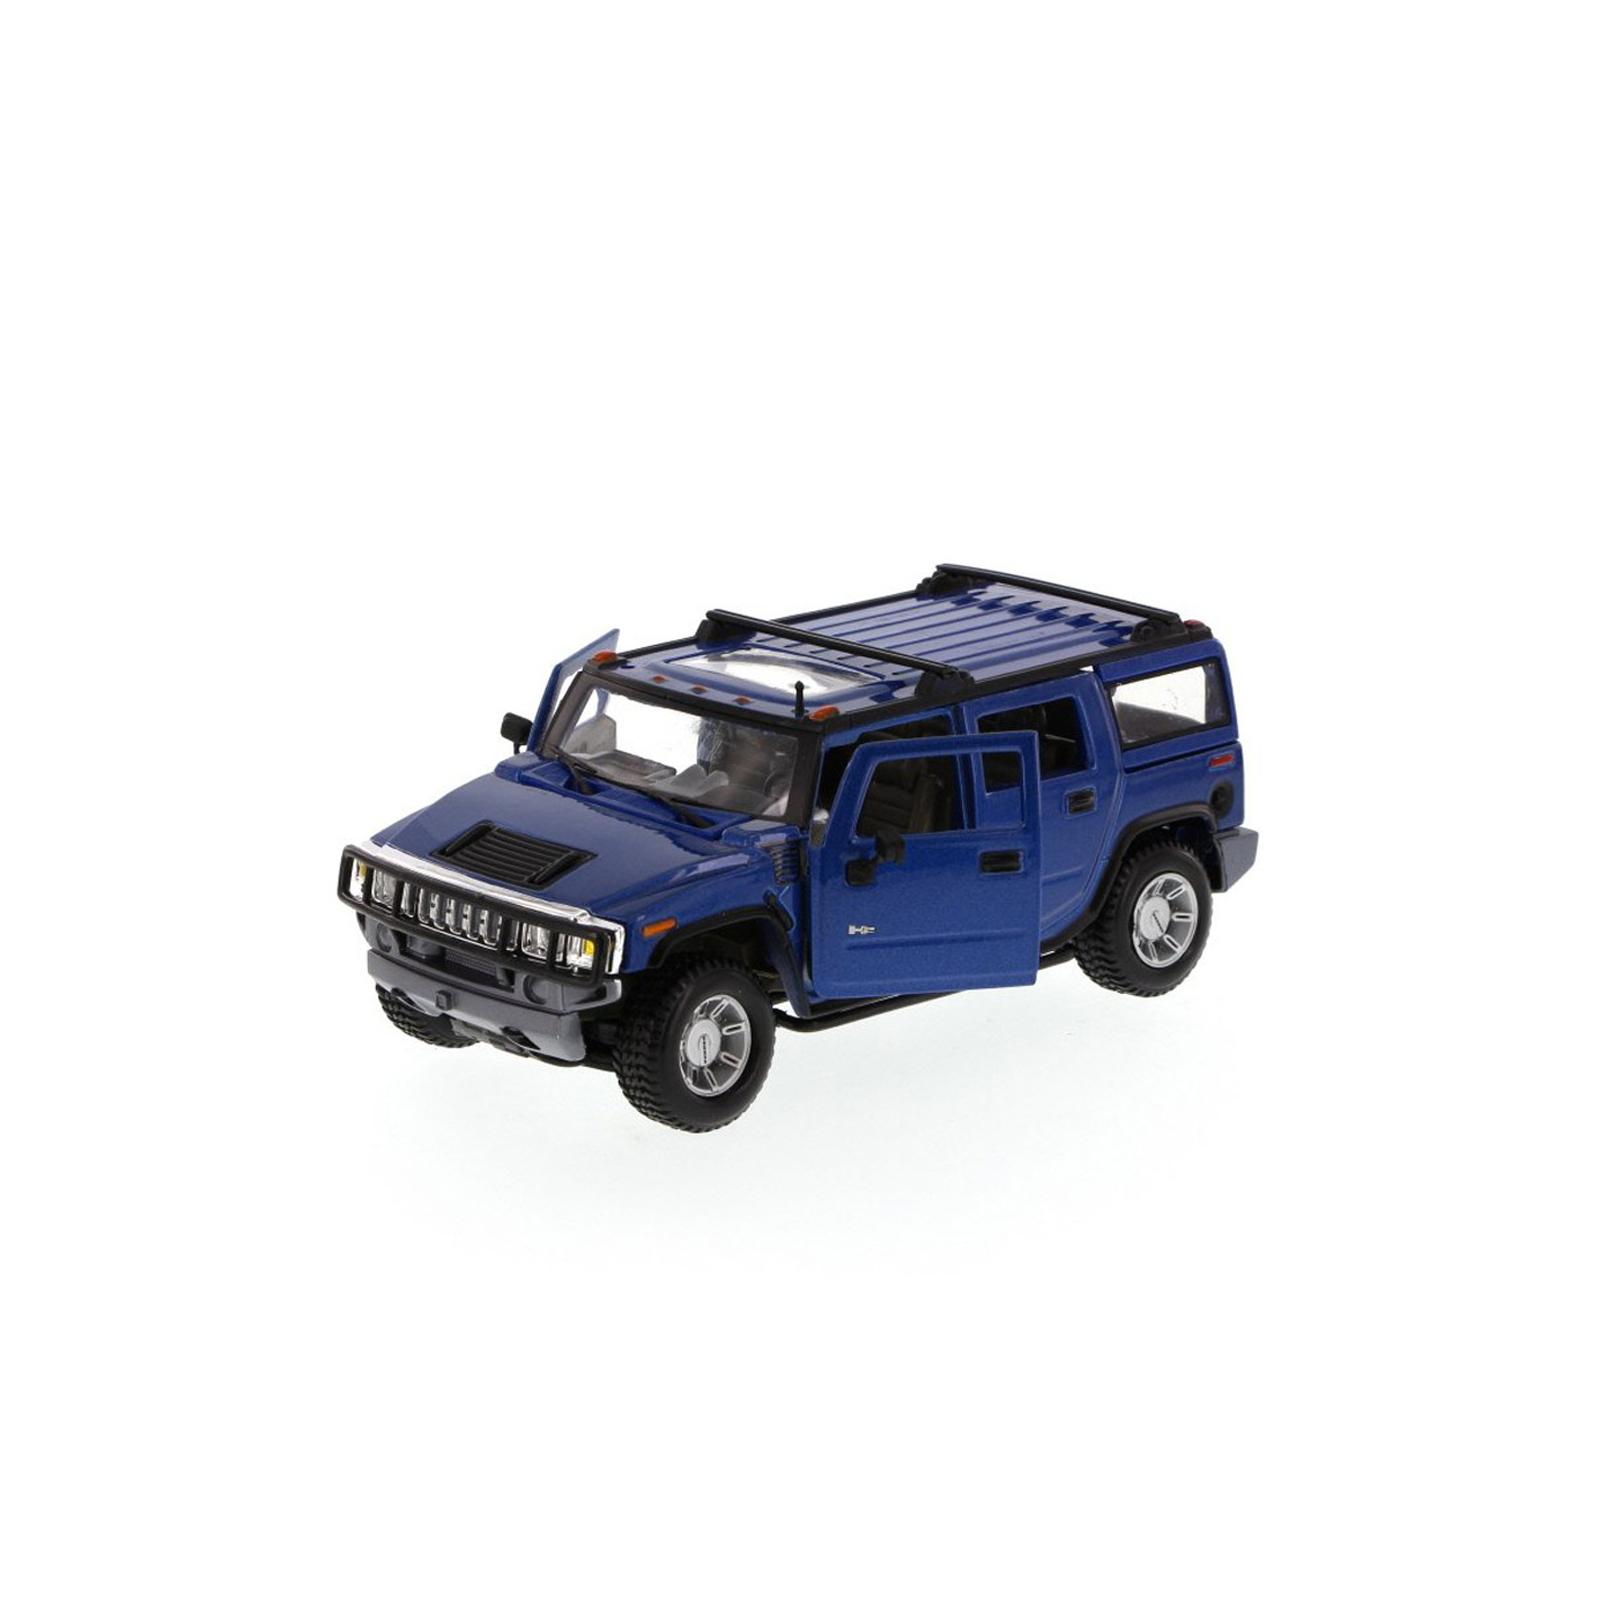 Машина Maisto Hummer H2 SUV 2003 (1:27) синий (31231 blue) изображение 4